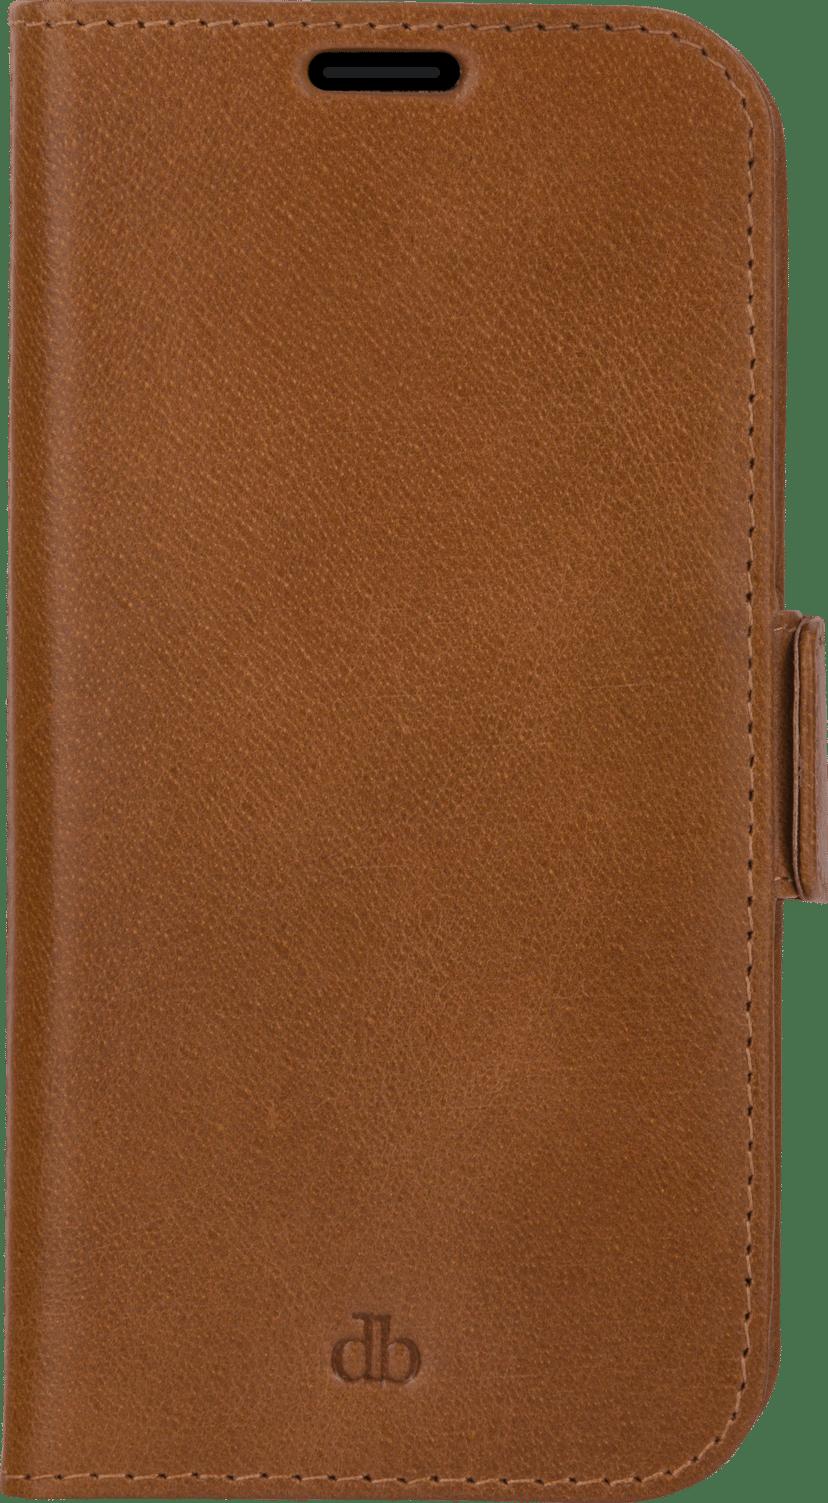 dbramante1928 Lynge Vikbart Fodral För Mobiltelefon Tan iPhone 13 Pro Max